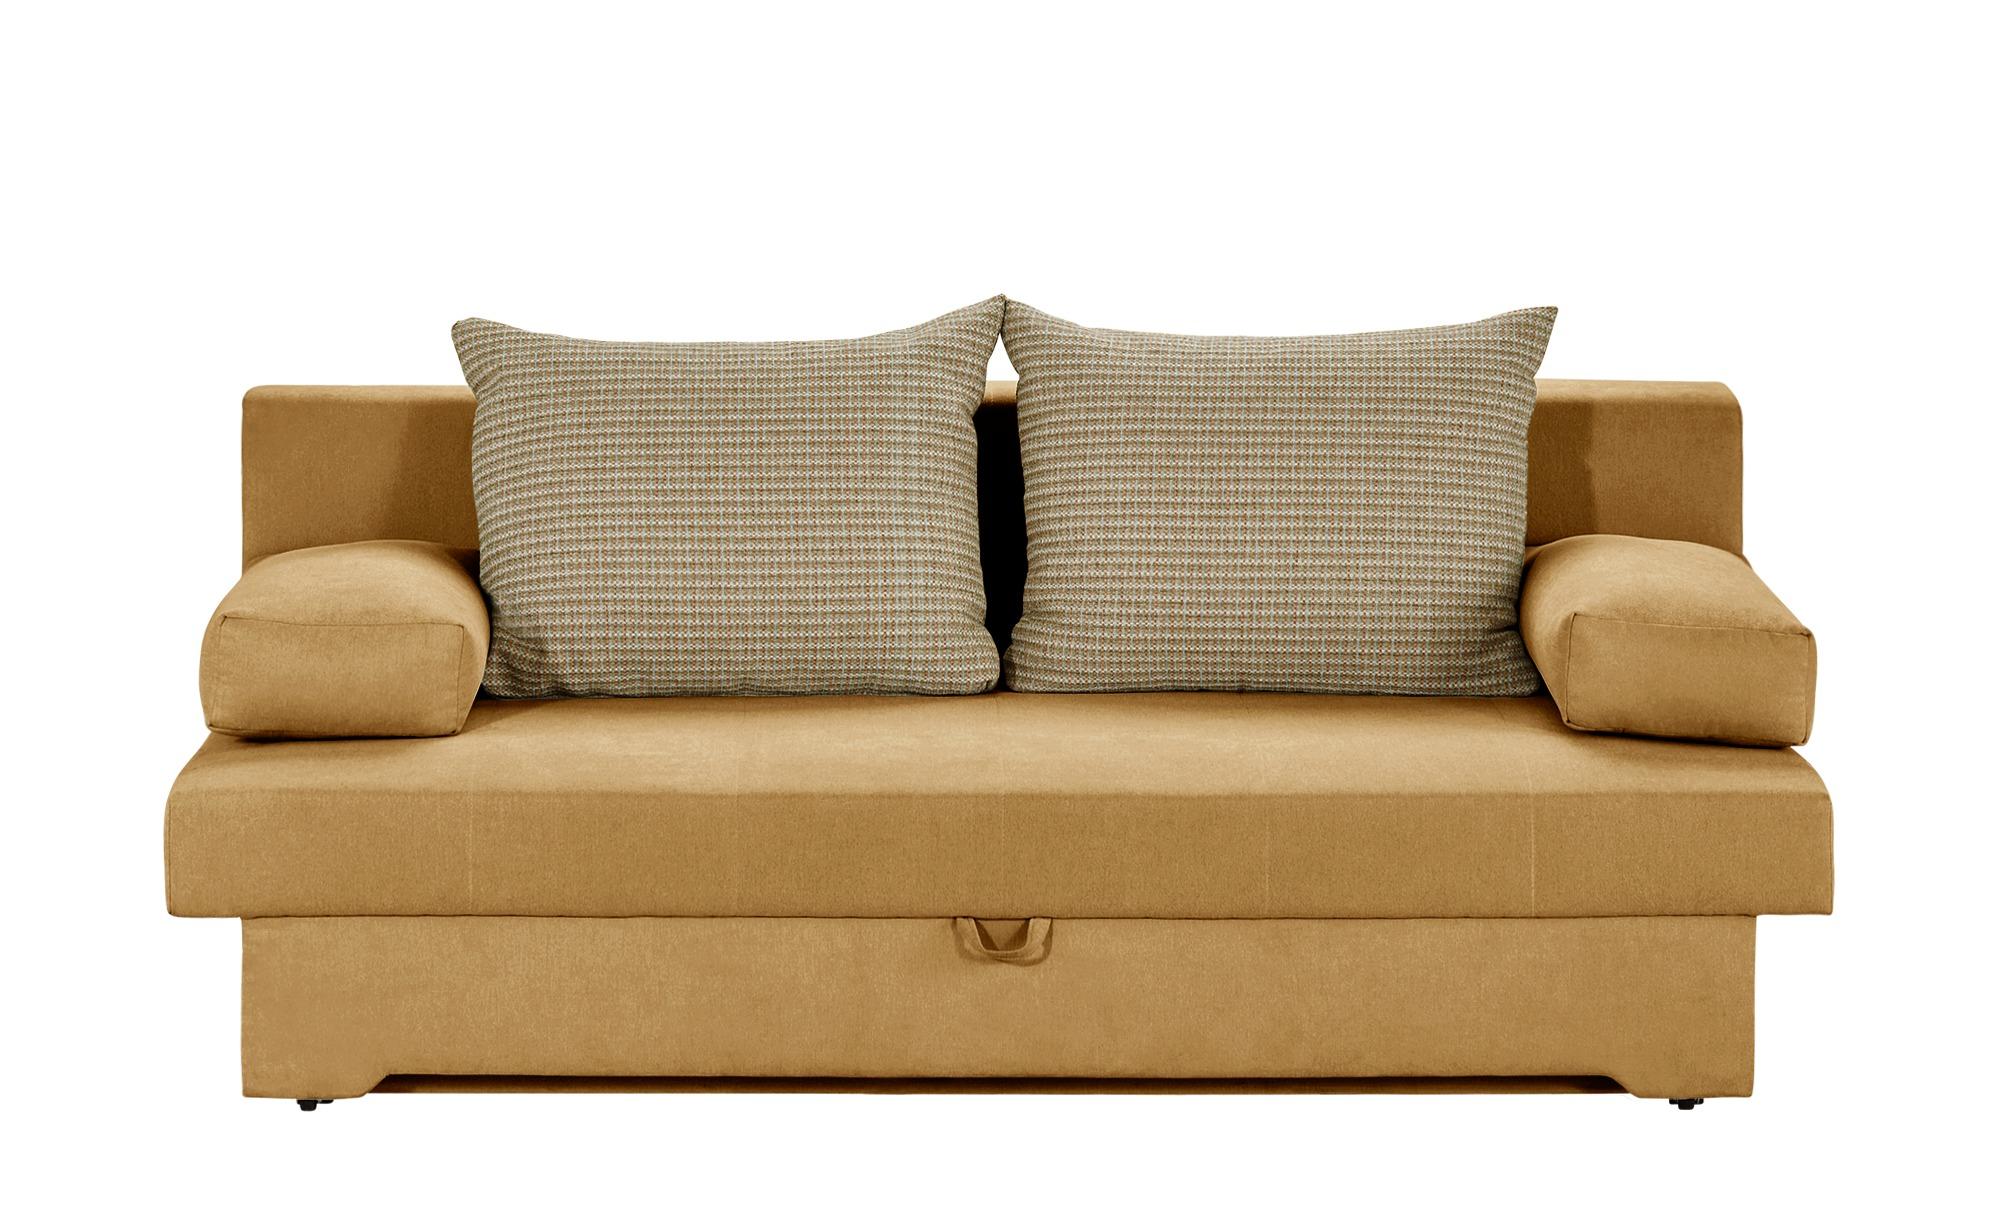 smart schlafsofa donna breite 200 cm h he 90 cm braun online kaufen bei woonio. Black Bedroom Furniture Sets. Home Design Ideas